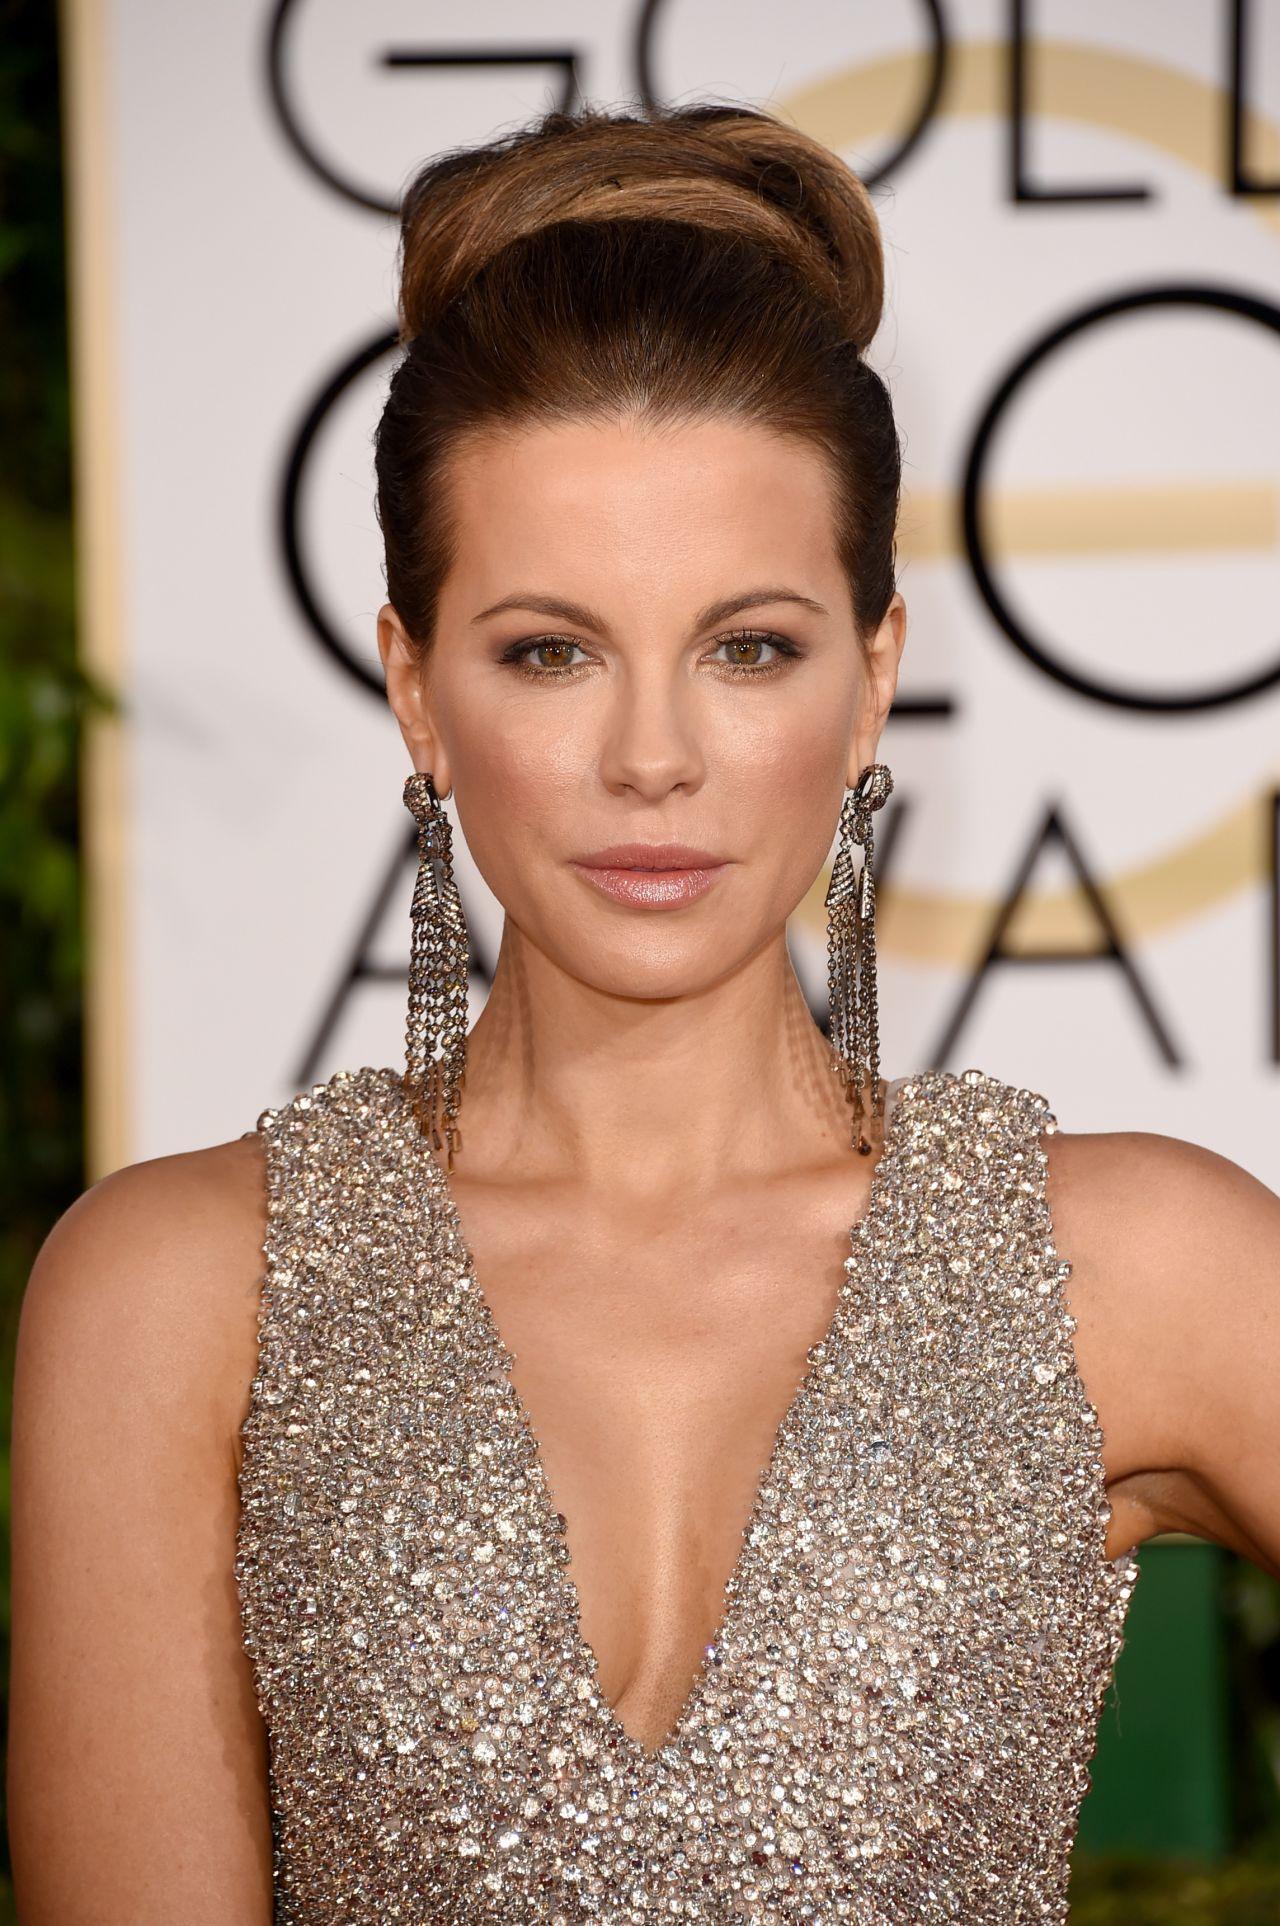 Actress Kate Beckinsale - age: 47